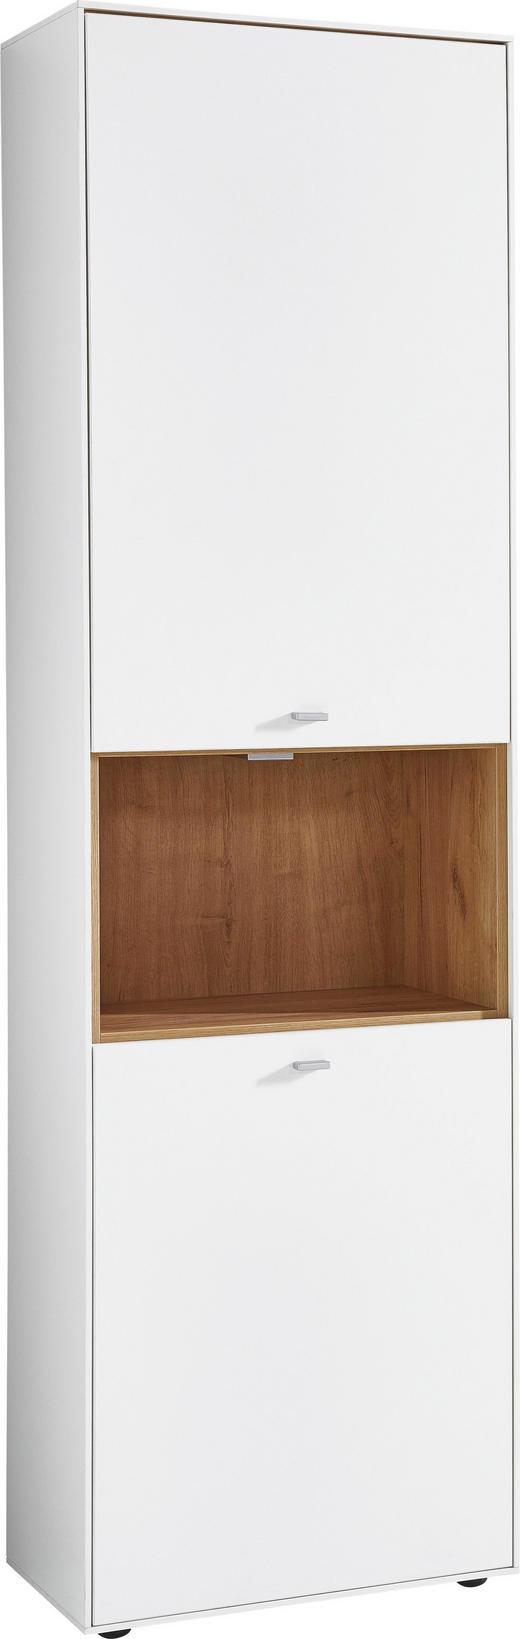 SCHRANK melaminharzbeschichtet Weiß, Eichefarben - Eichefarben/Alufarben, Design, Holzwerkstoff/Metall (57/199/38cm) - Carryhome